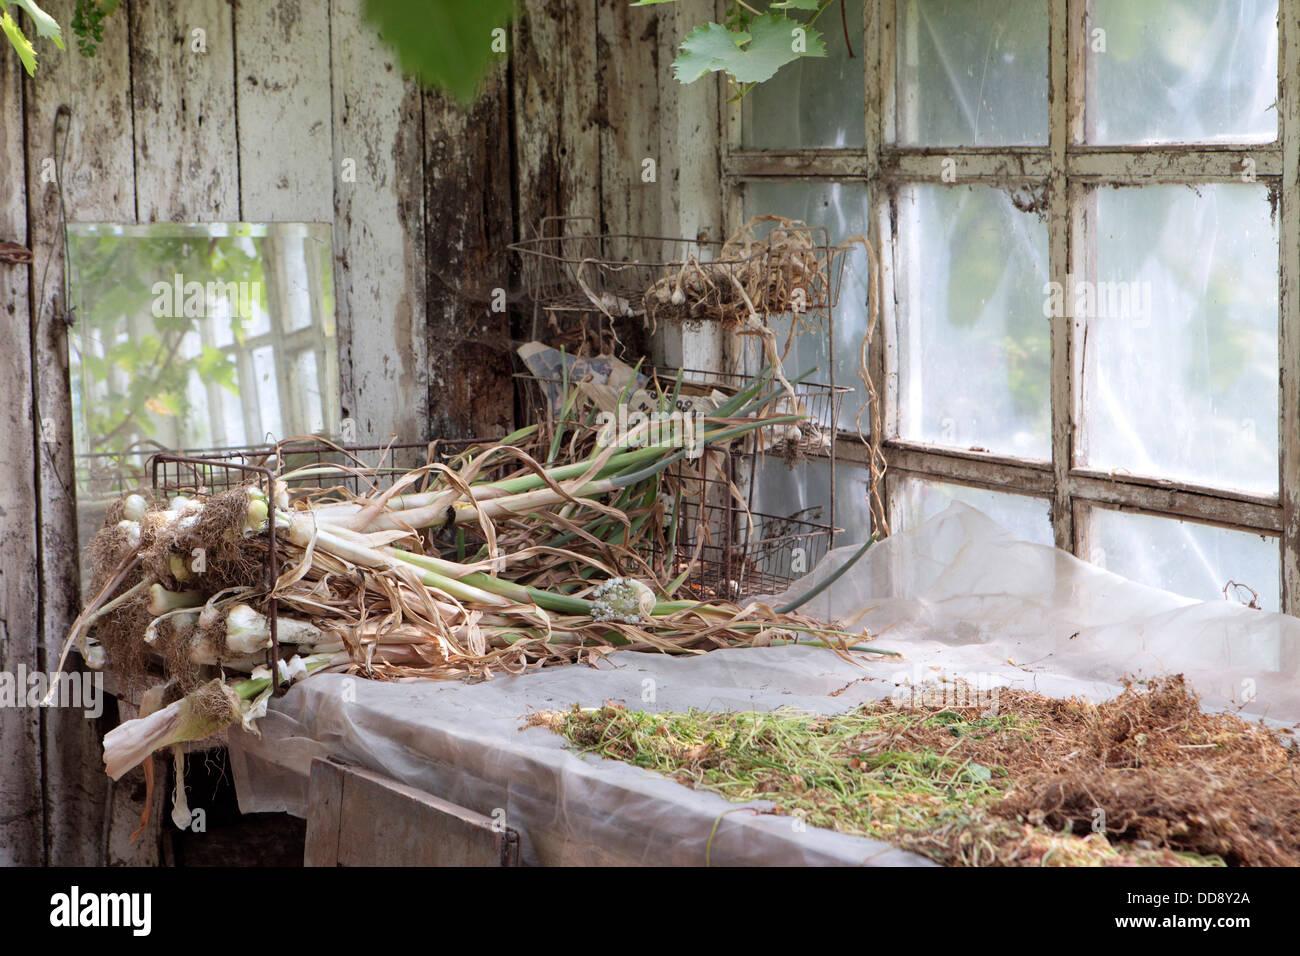 Foto Aus Der Organischen Pottinghalle, Gärtner, Englischer Garten, UK. Nach  Hause Angebauten Knoblauch Trocknen Regal.